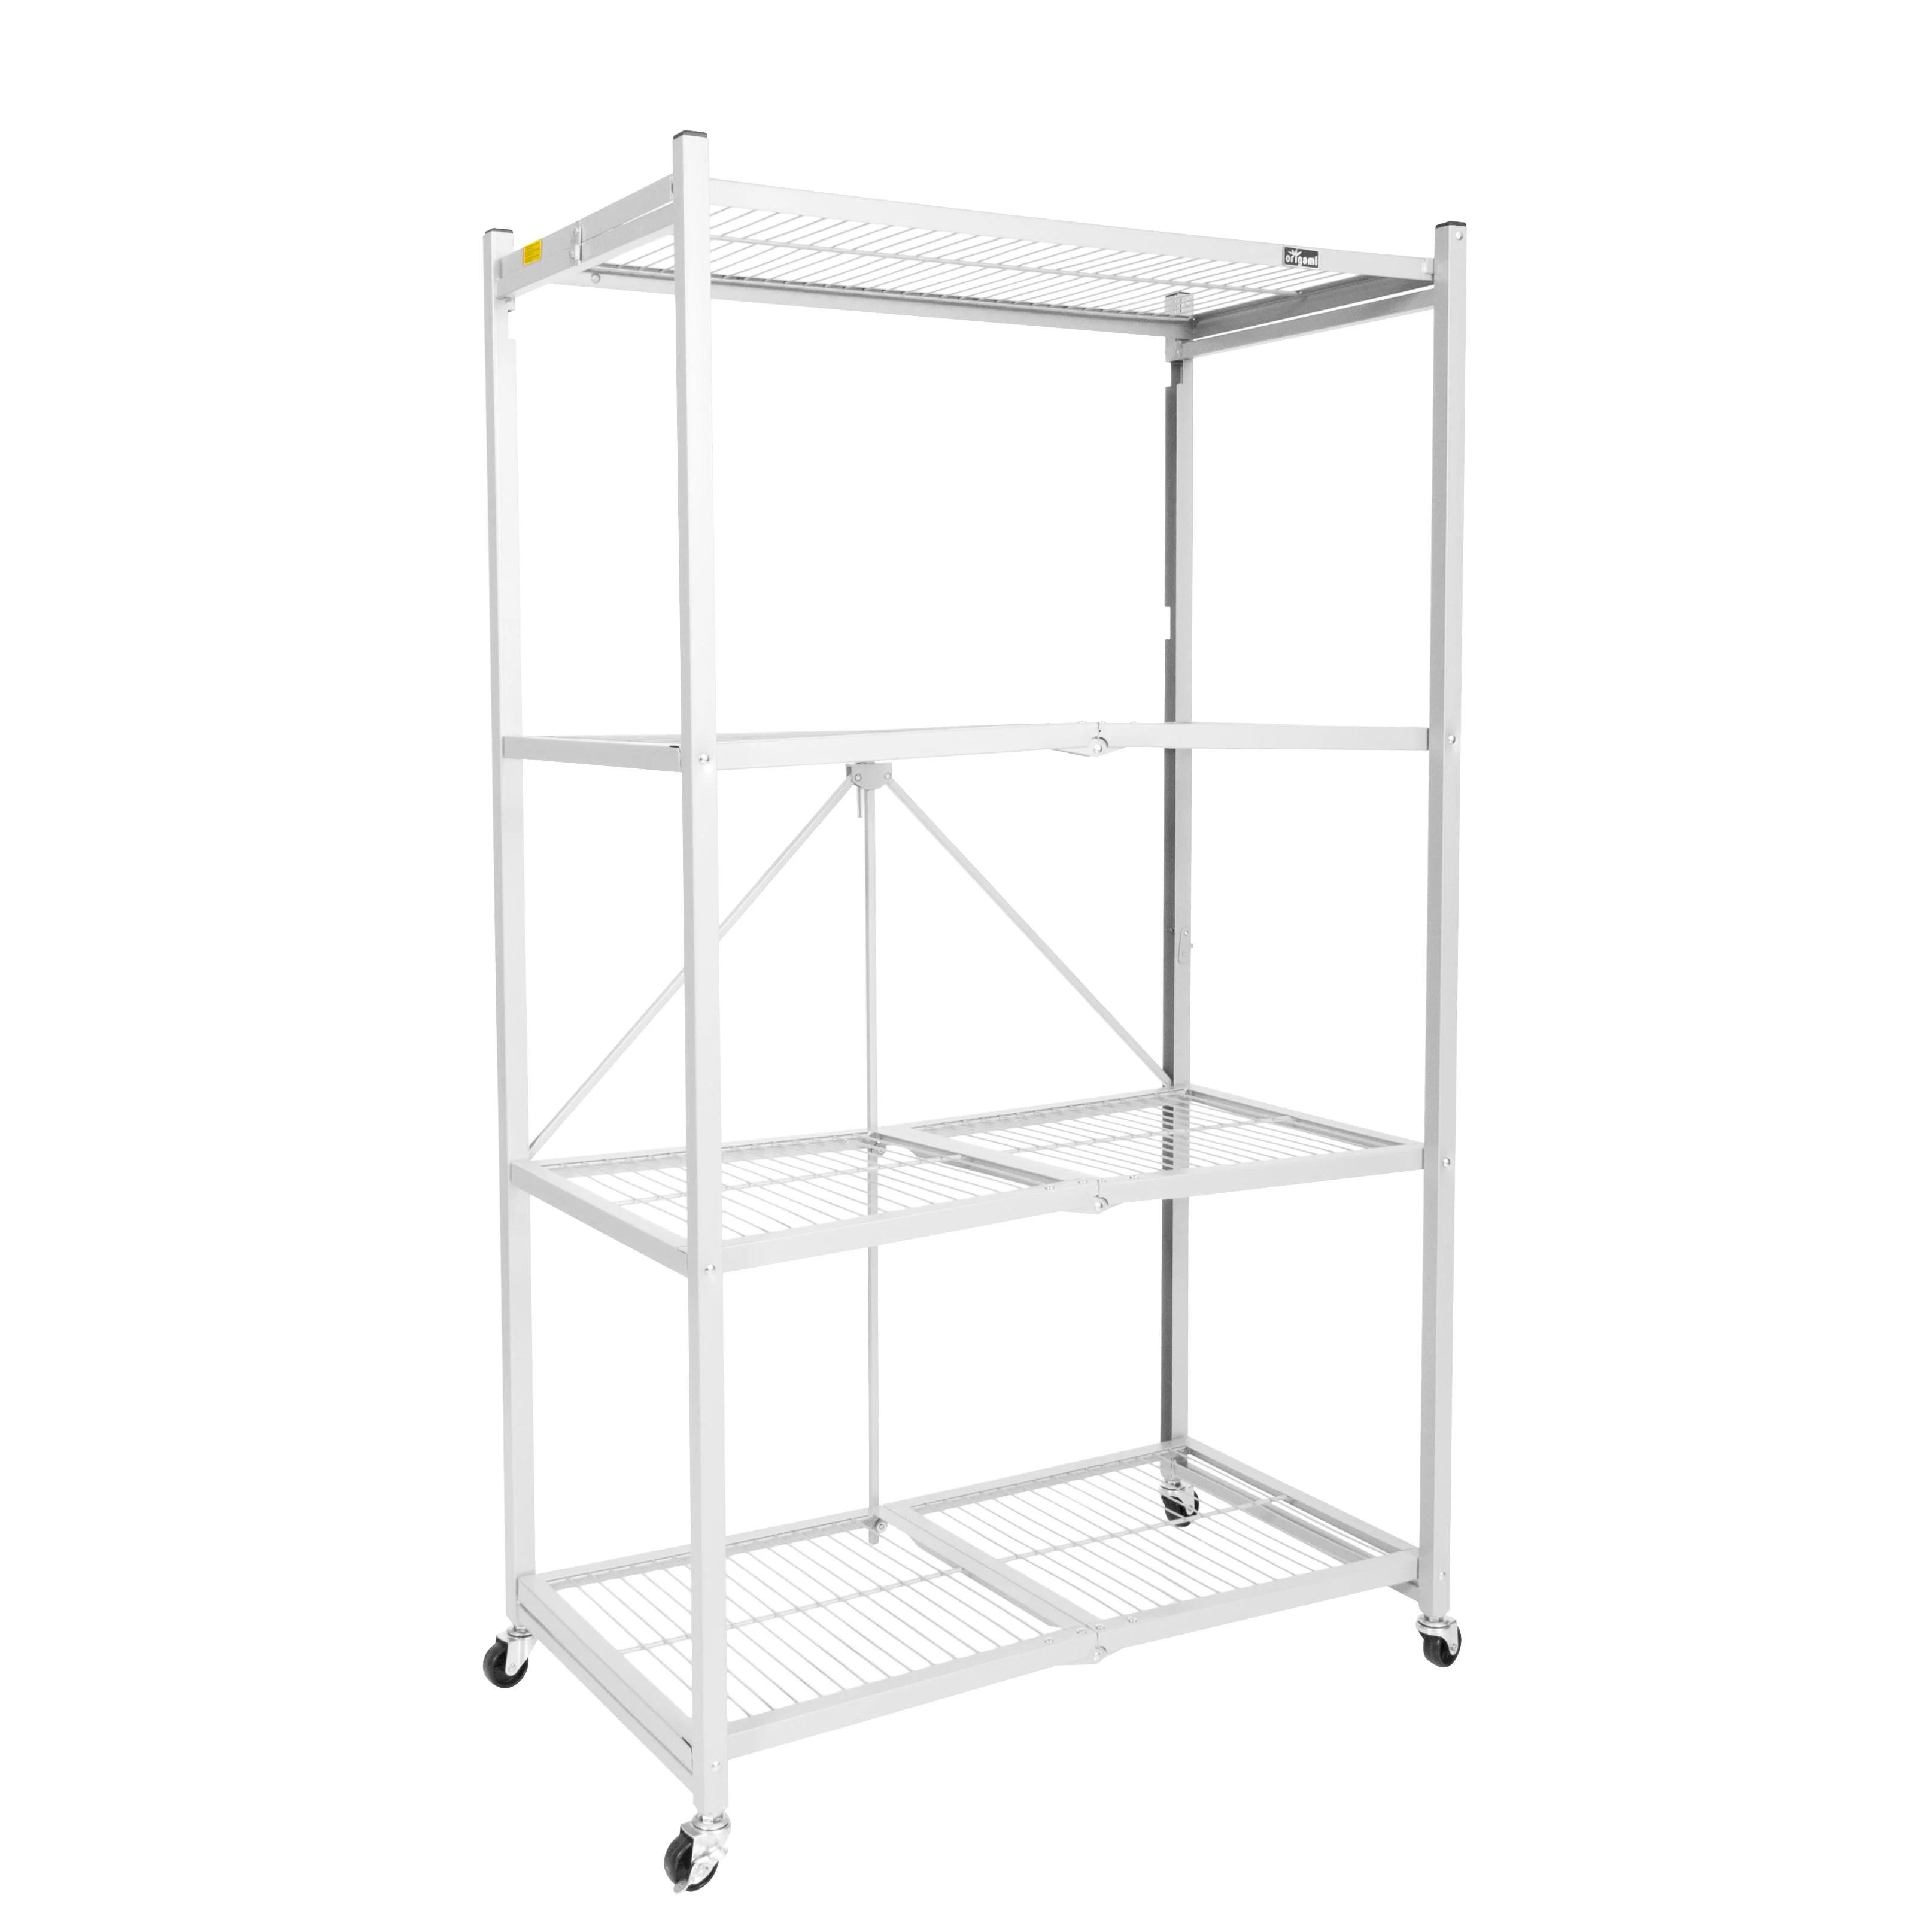 4 shelf folding steel wire shelving